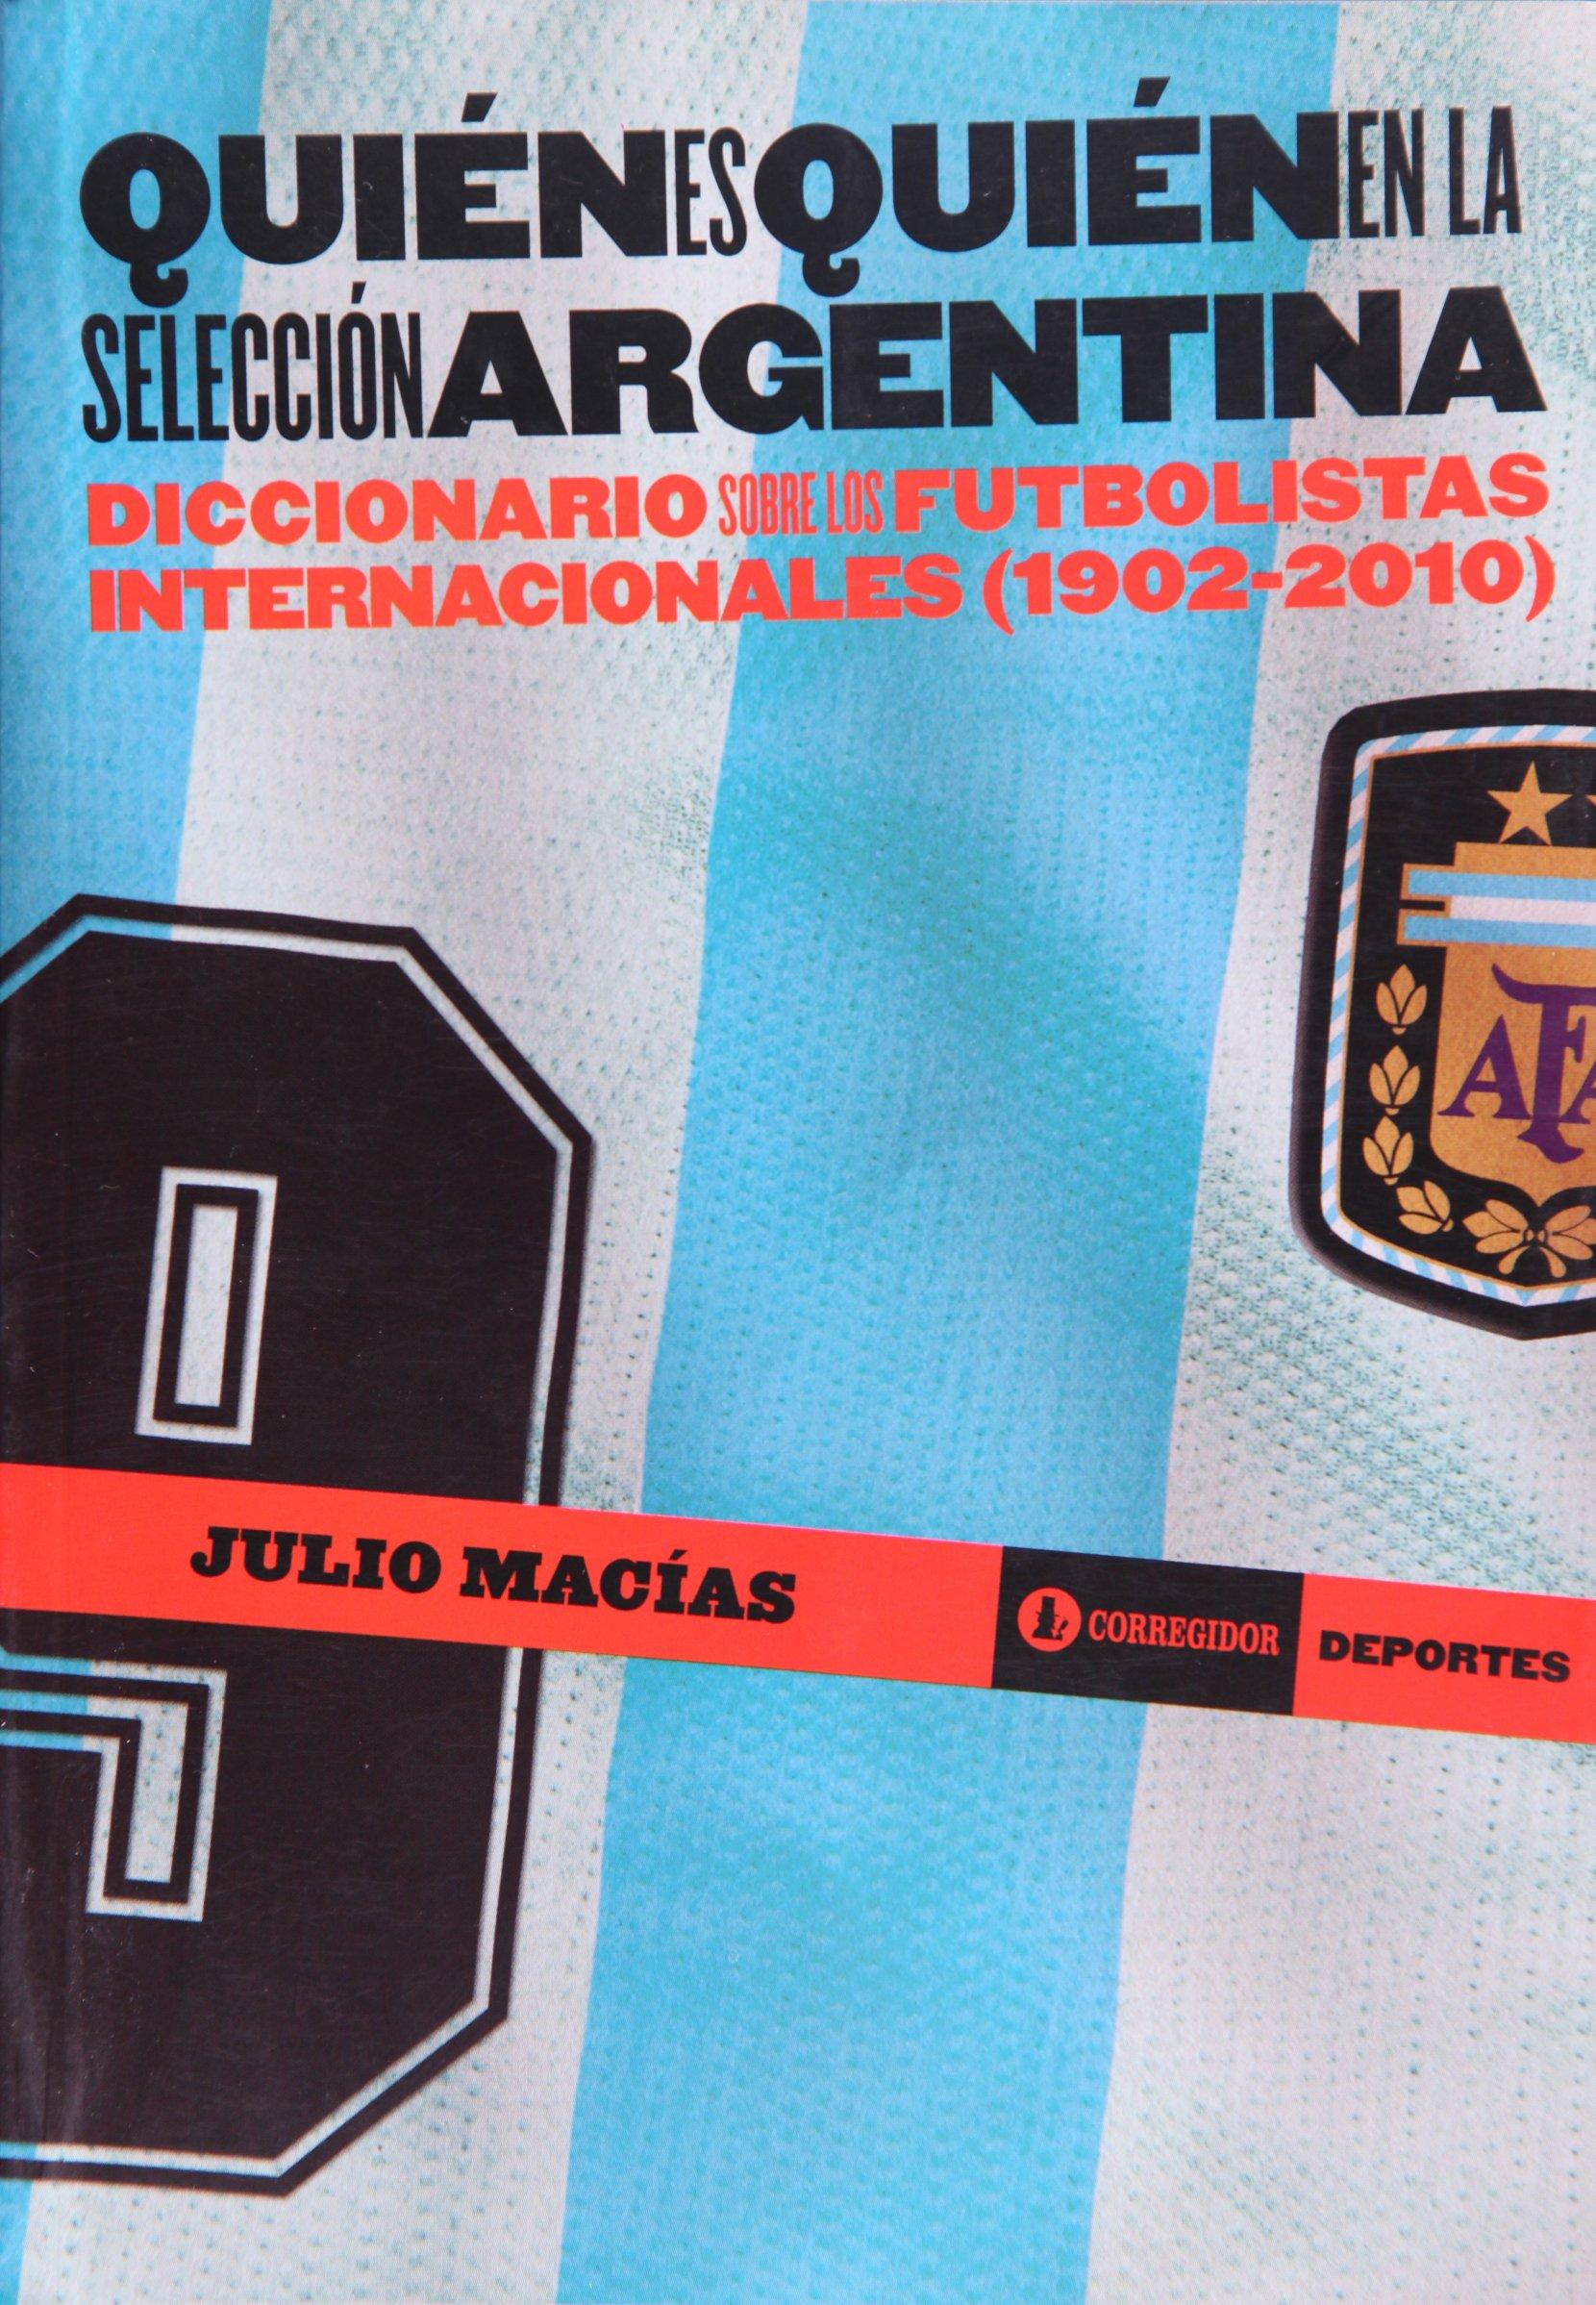 Quien es quien en la seleccion argentina. Diccionario sobre futbolistas internacionales (1902-2010) (Spanish Edition): Julio Macias: 9789500519328: ...